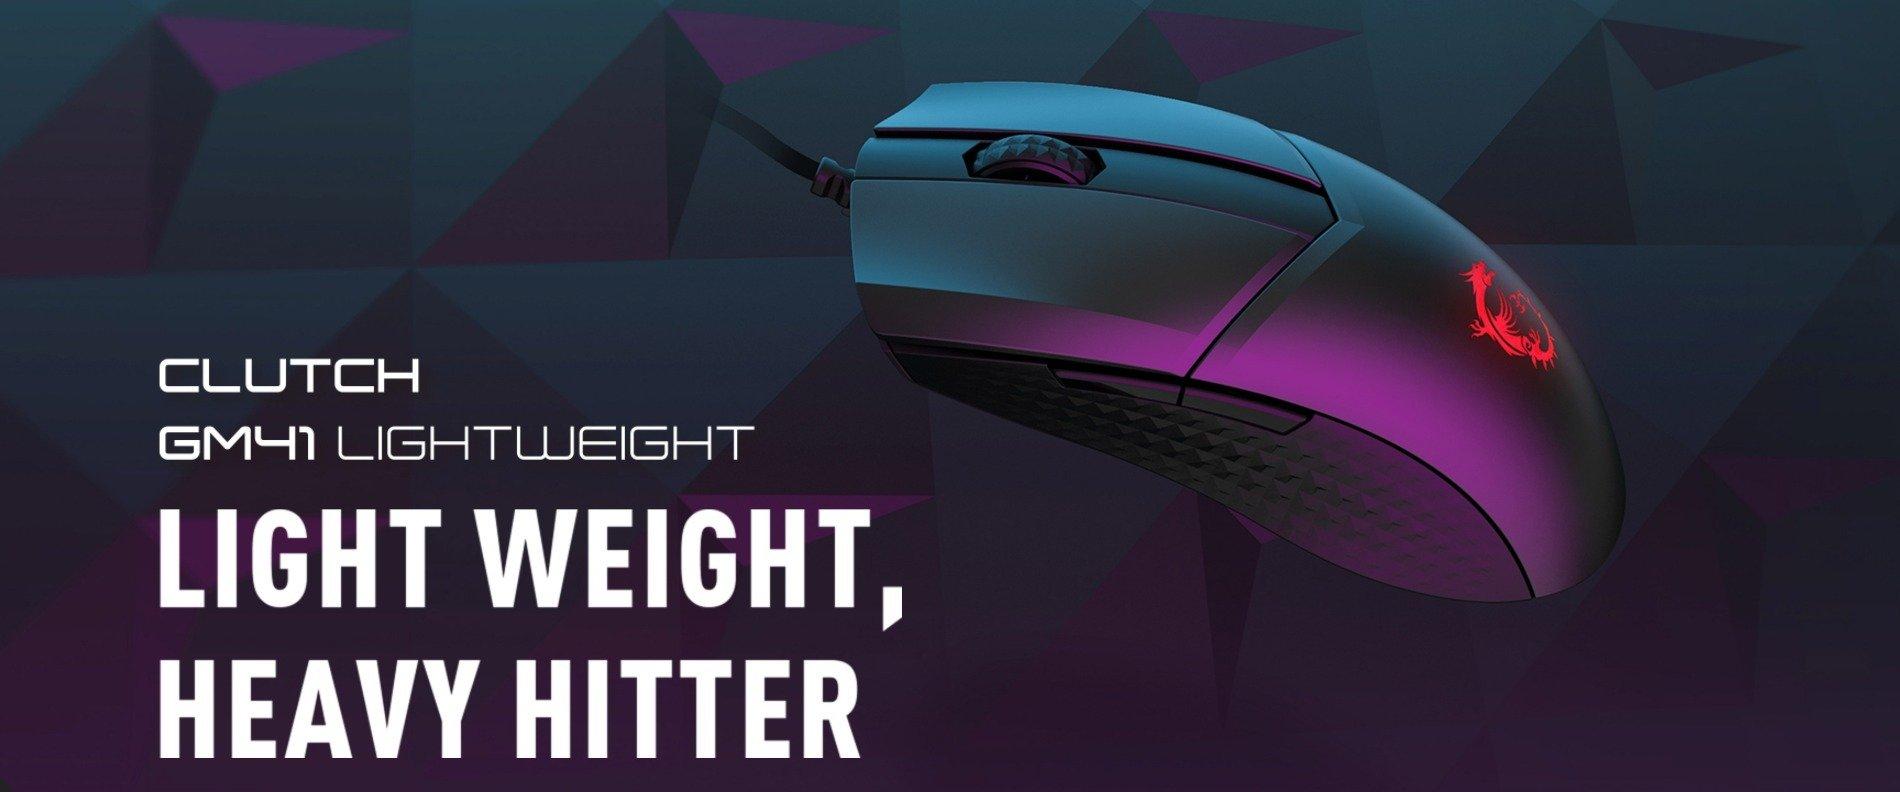 MSI przedstawia myszkę CLUTCH GM41 LIGHTWEIGHT i słuchawki IMMERSE GH20